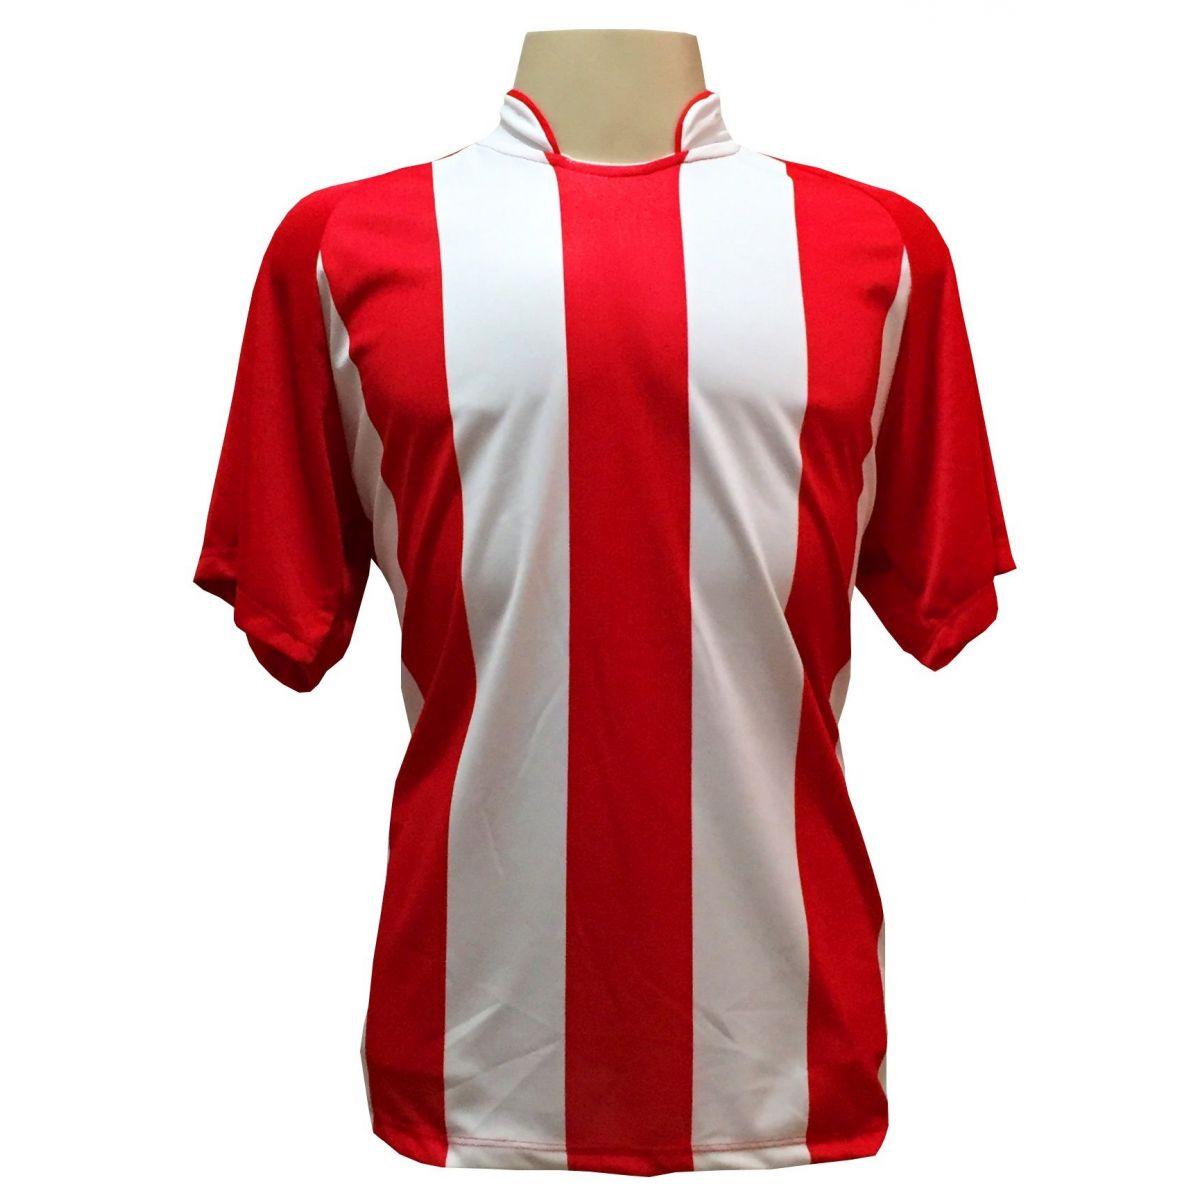 Fardamento Completo modelo Milan 18+2 (18 Camisas Vermelho/Branco + 18 Calções Madrid Royal + 18 Pares de Meiões Vermelhos + 2 Conjuntos de Goleiro) + Brindes